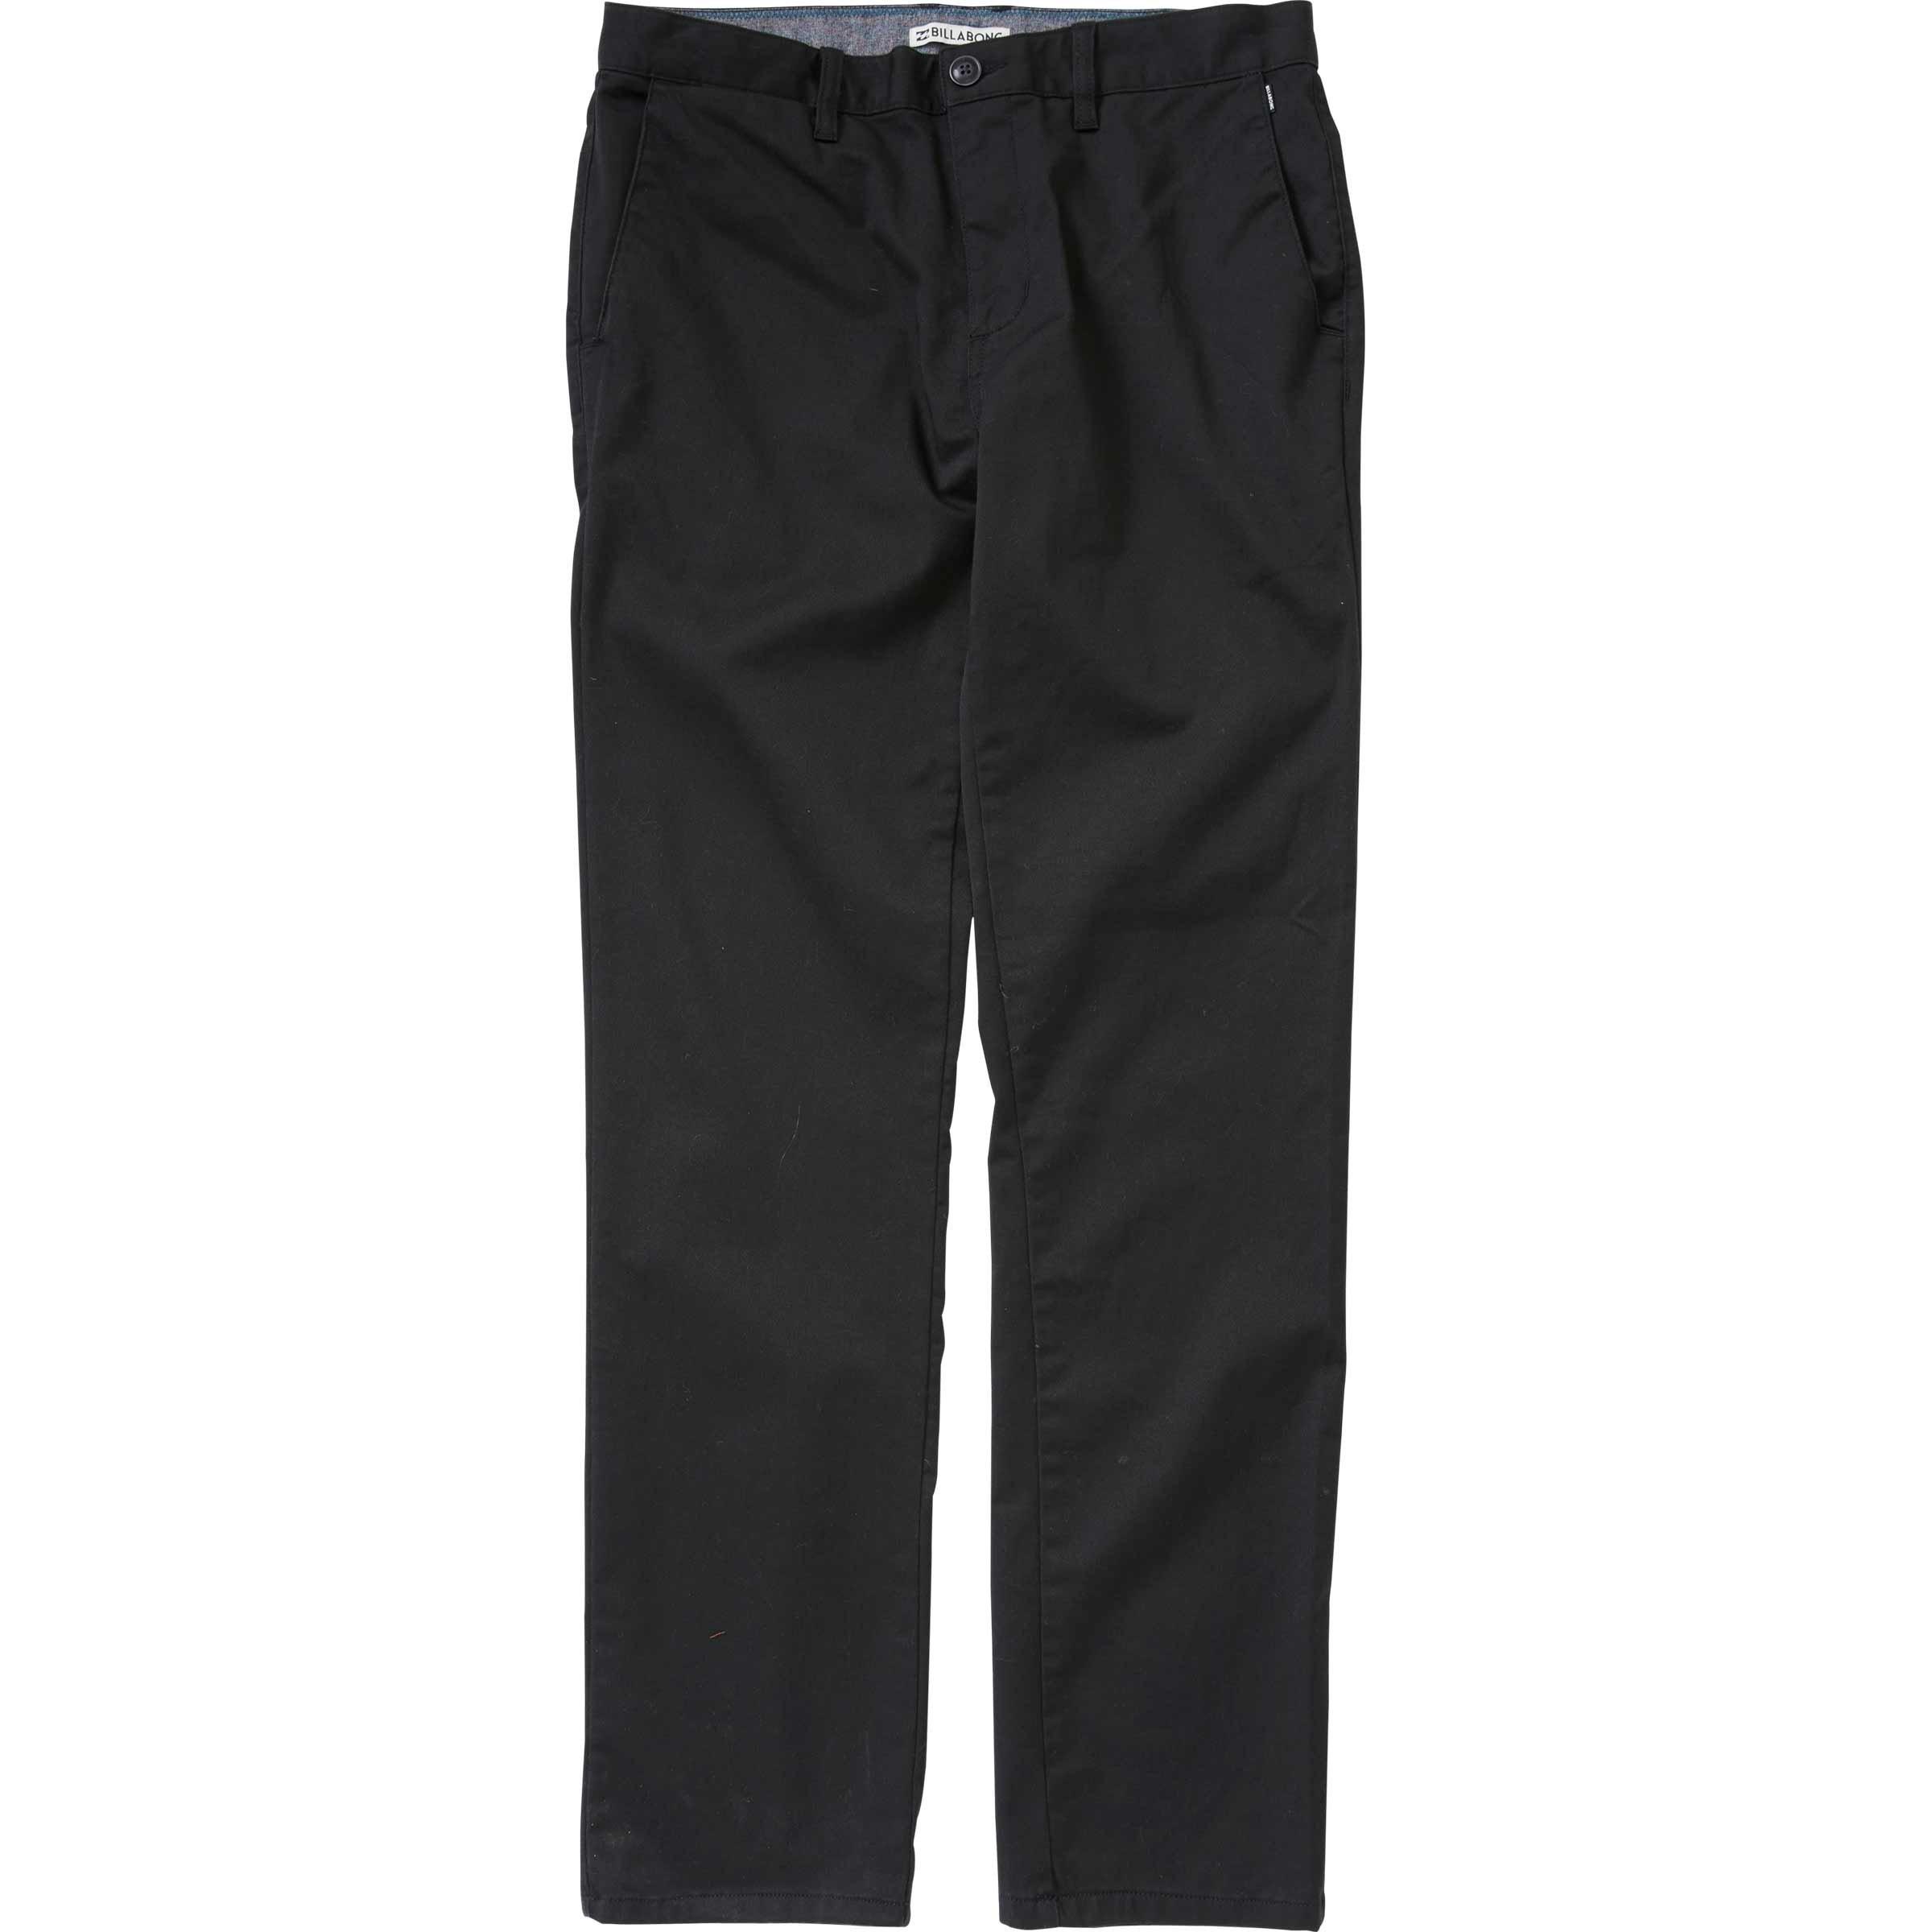 Billabong Boys' Carter Chino Pant Black 27